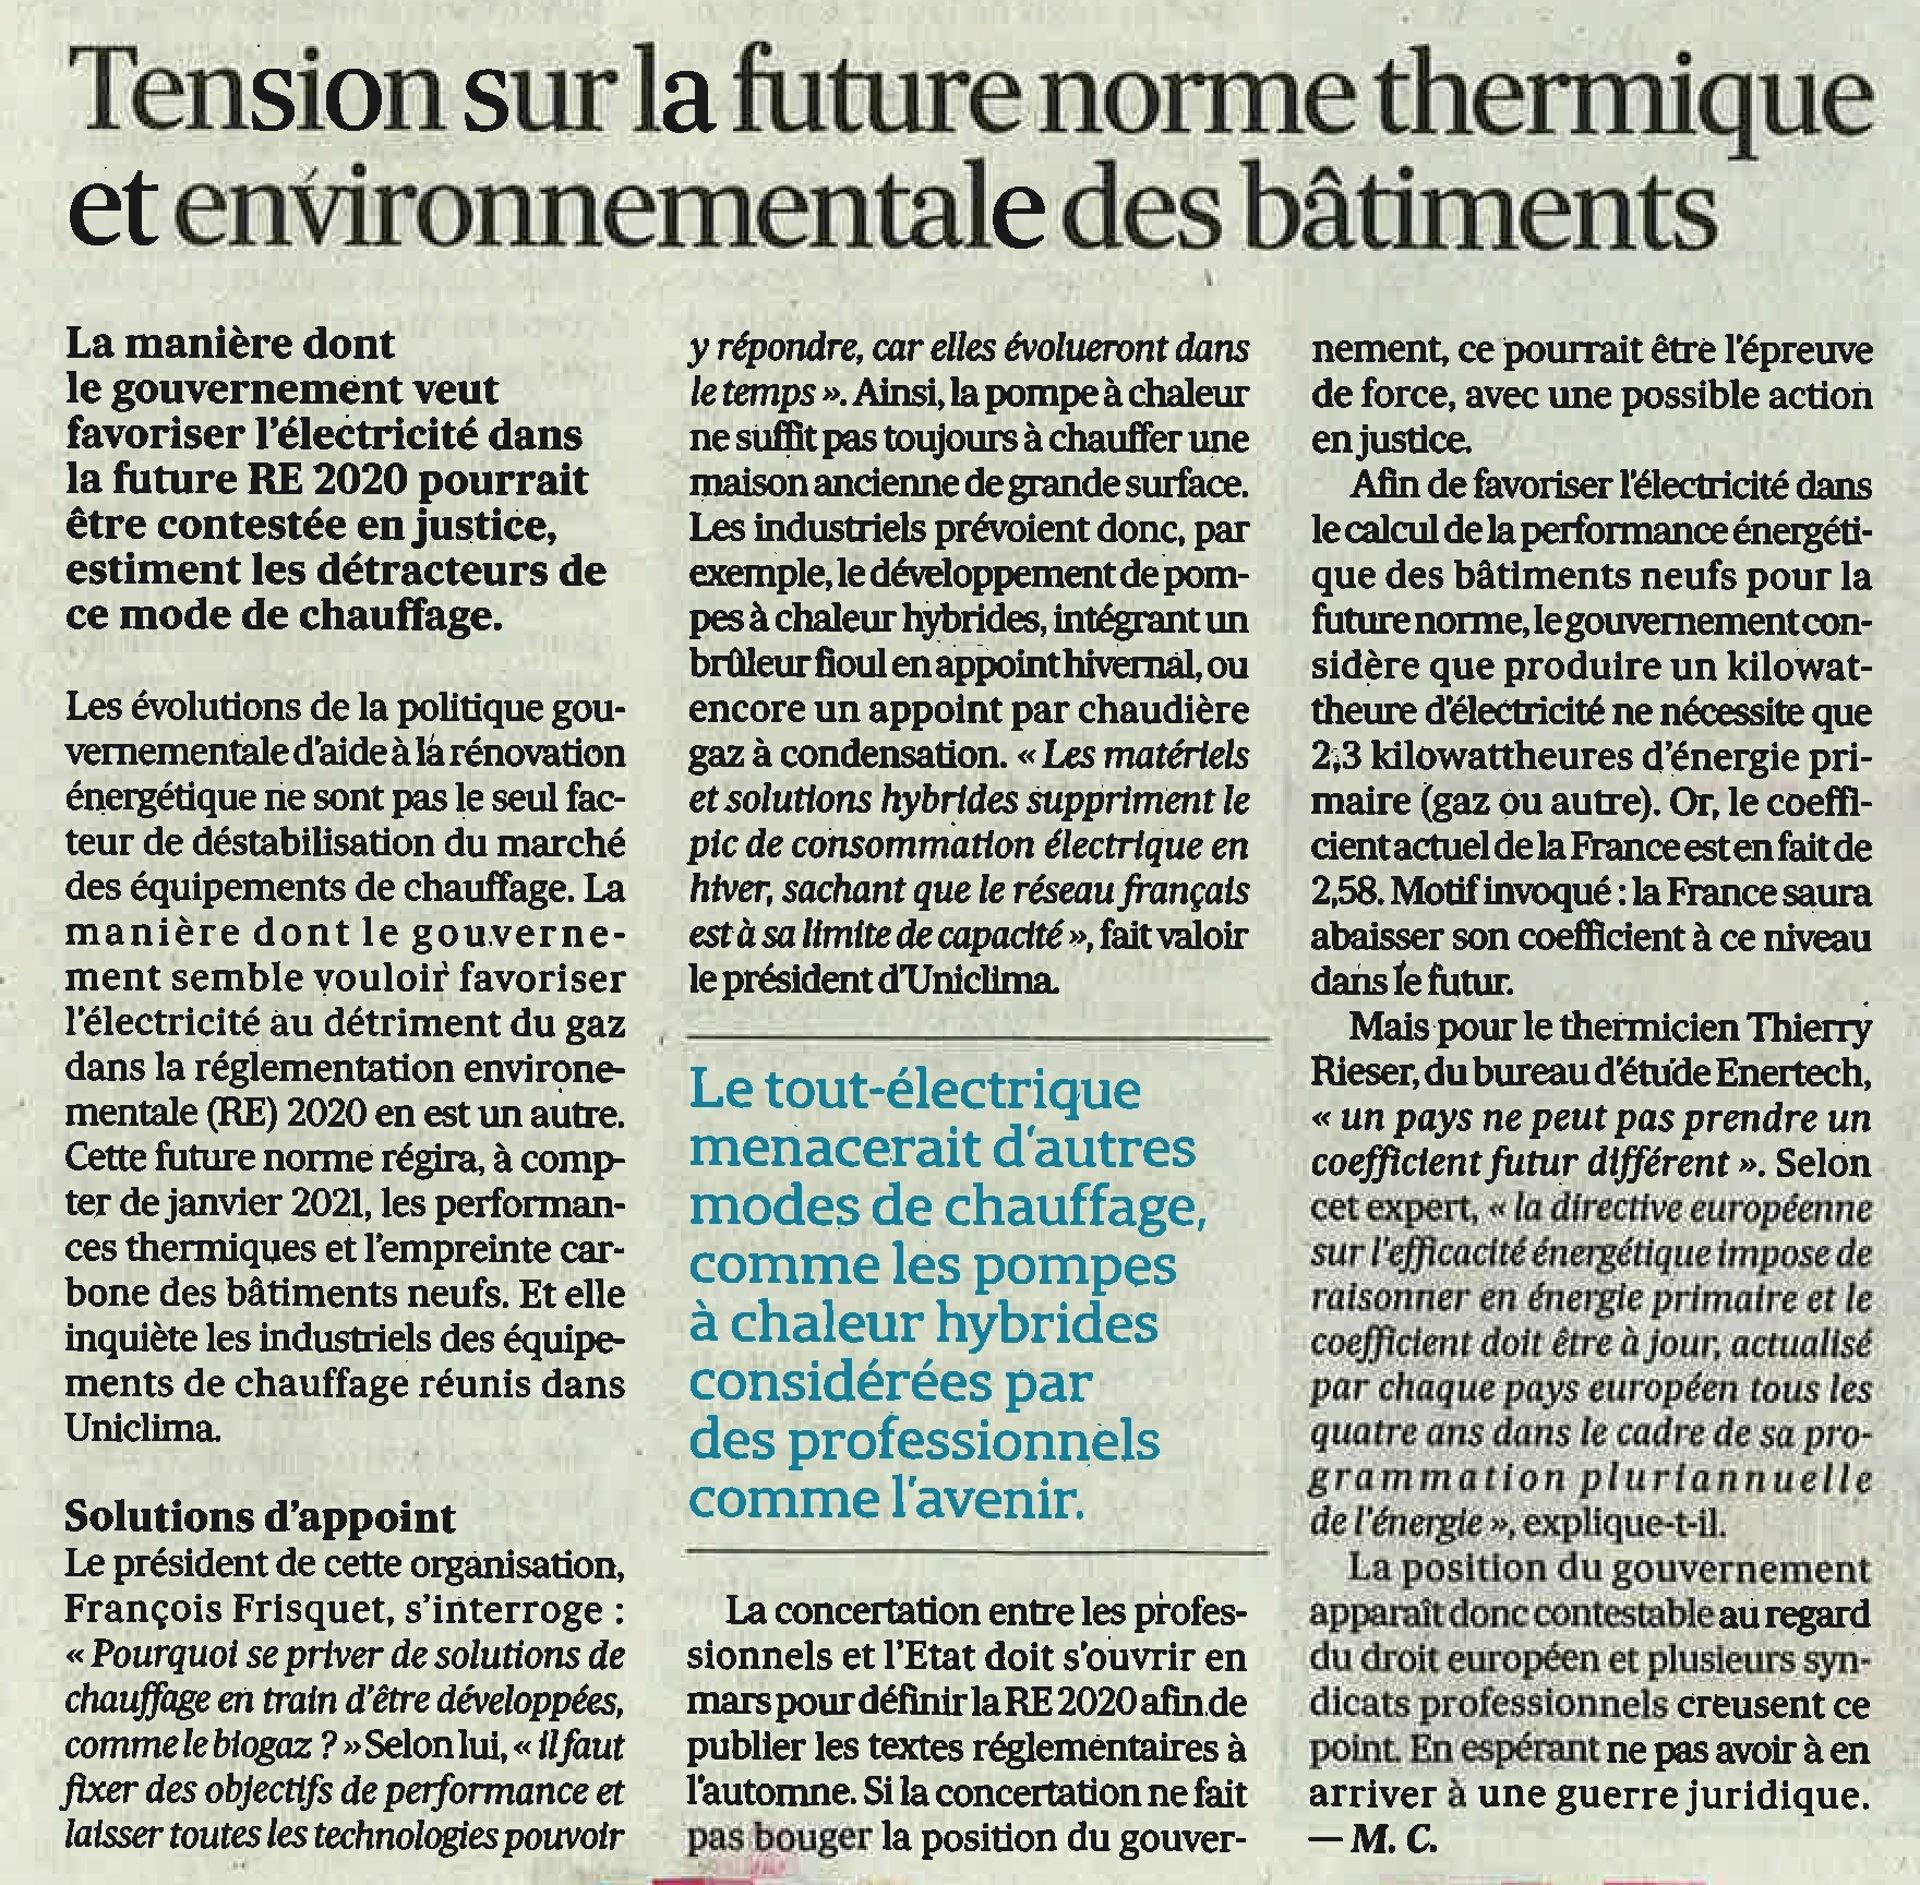 ARTICLES LES ECHOS : Le chauffage & la future norme thermique et environnementale des bâtiments